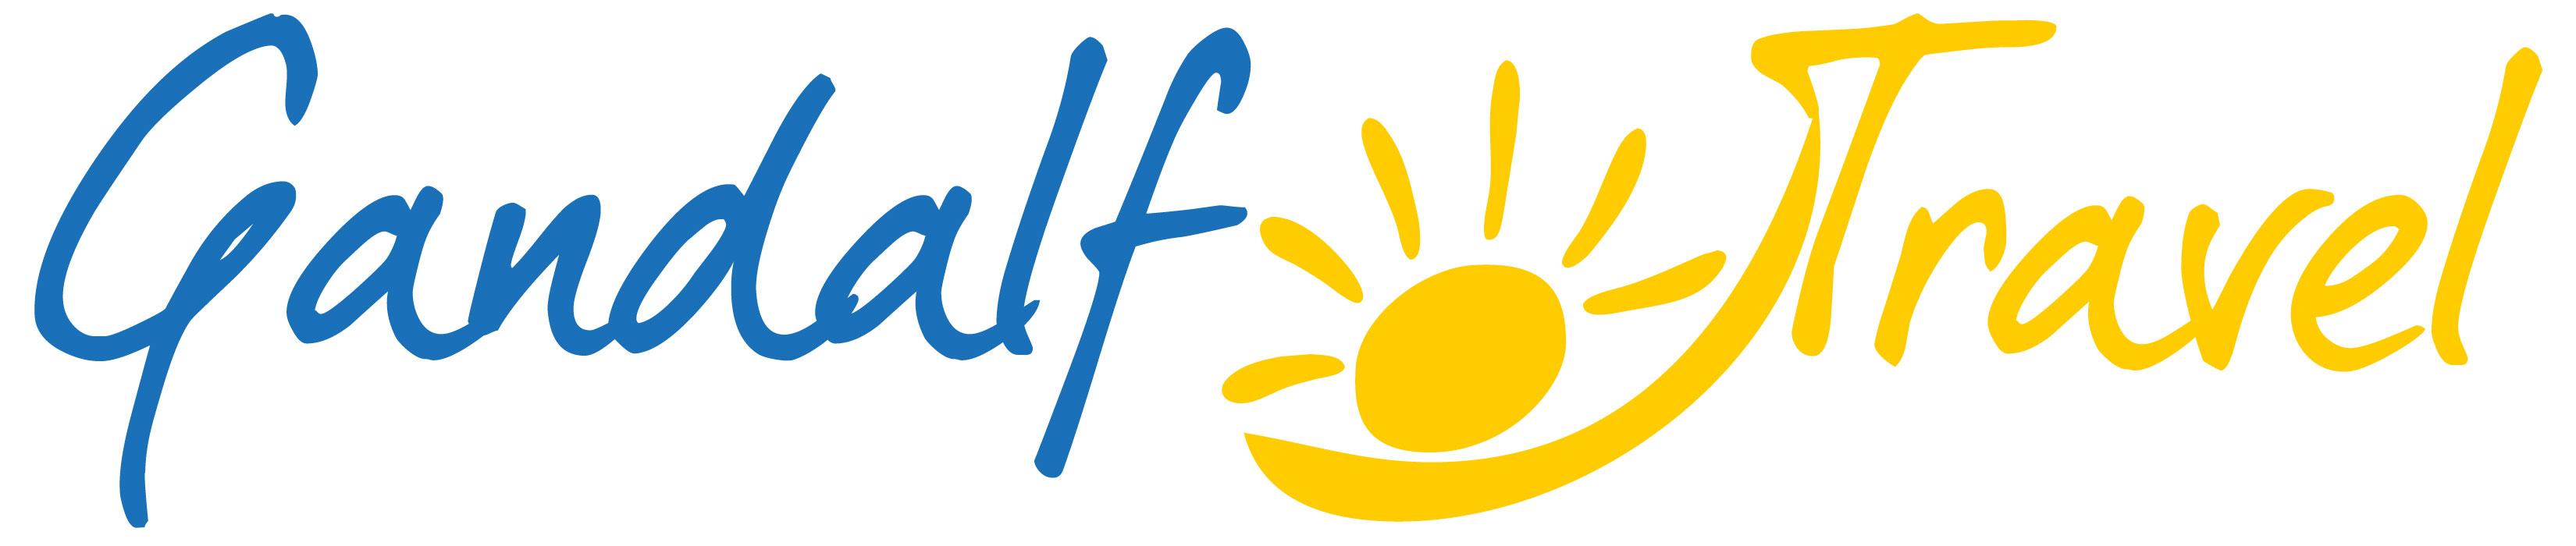 chorwacja wakacje wrzesień forum 2016 wrzesień angielski